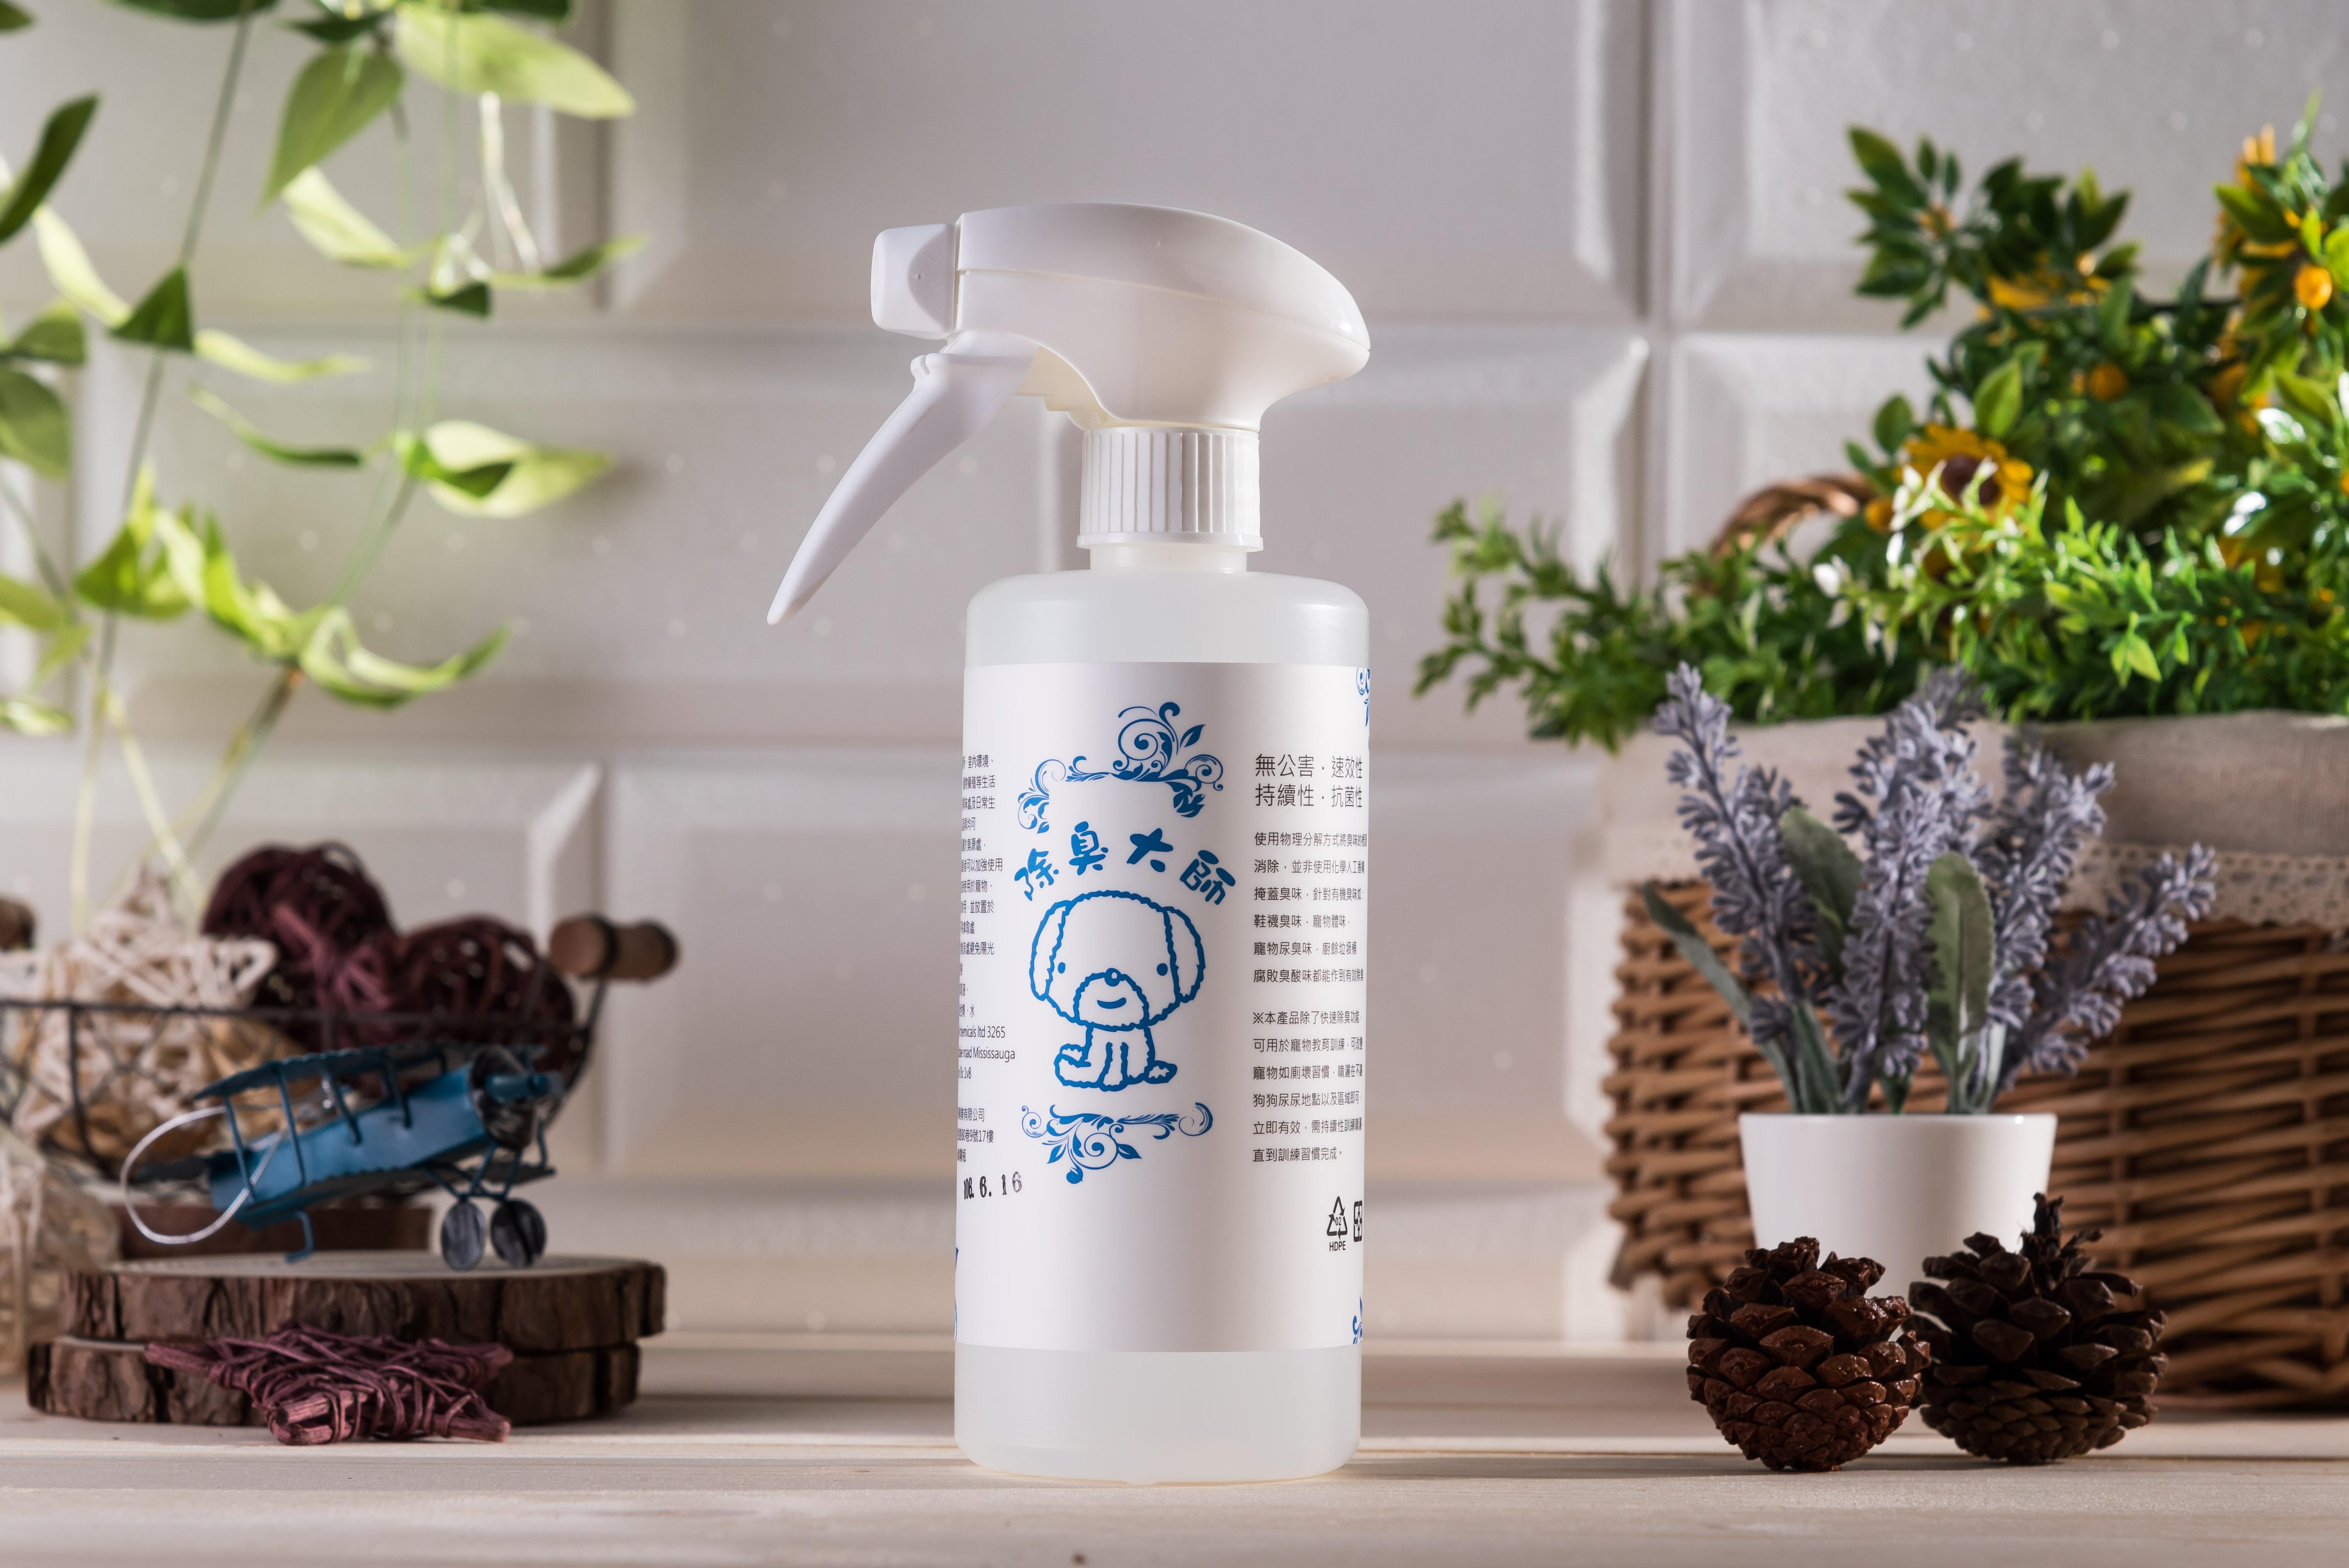 除臭大師500CC 噴霧瓶  寵物除臭 潔淨小舖 除臭噴劑 噴霧 消臭 去味劑 消臭劑 除臭劑 貓 狗 犬 毛小孩 寵物用品